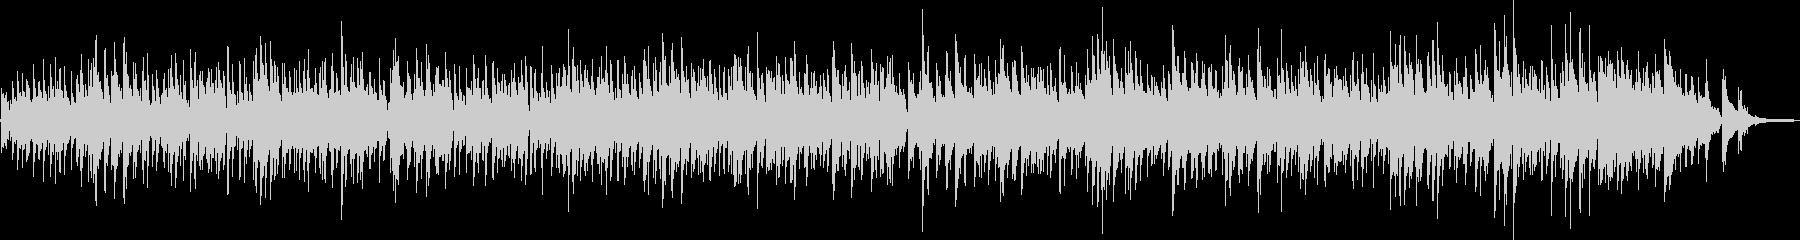 ギターデュオによるボサノバ曲の未再生の波形